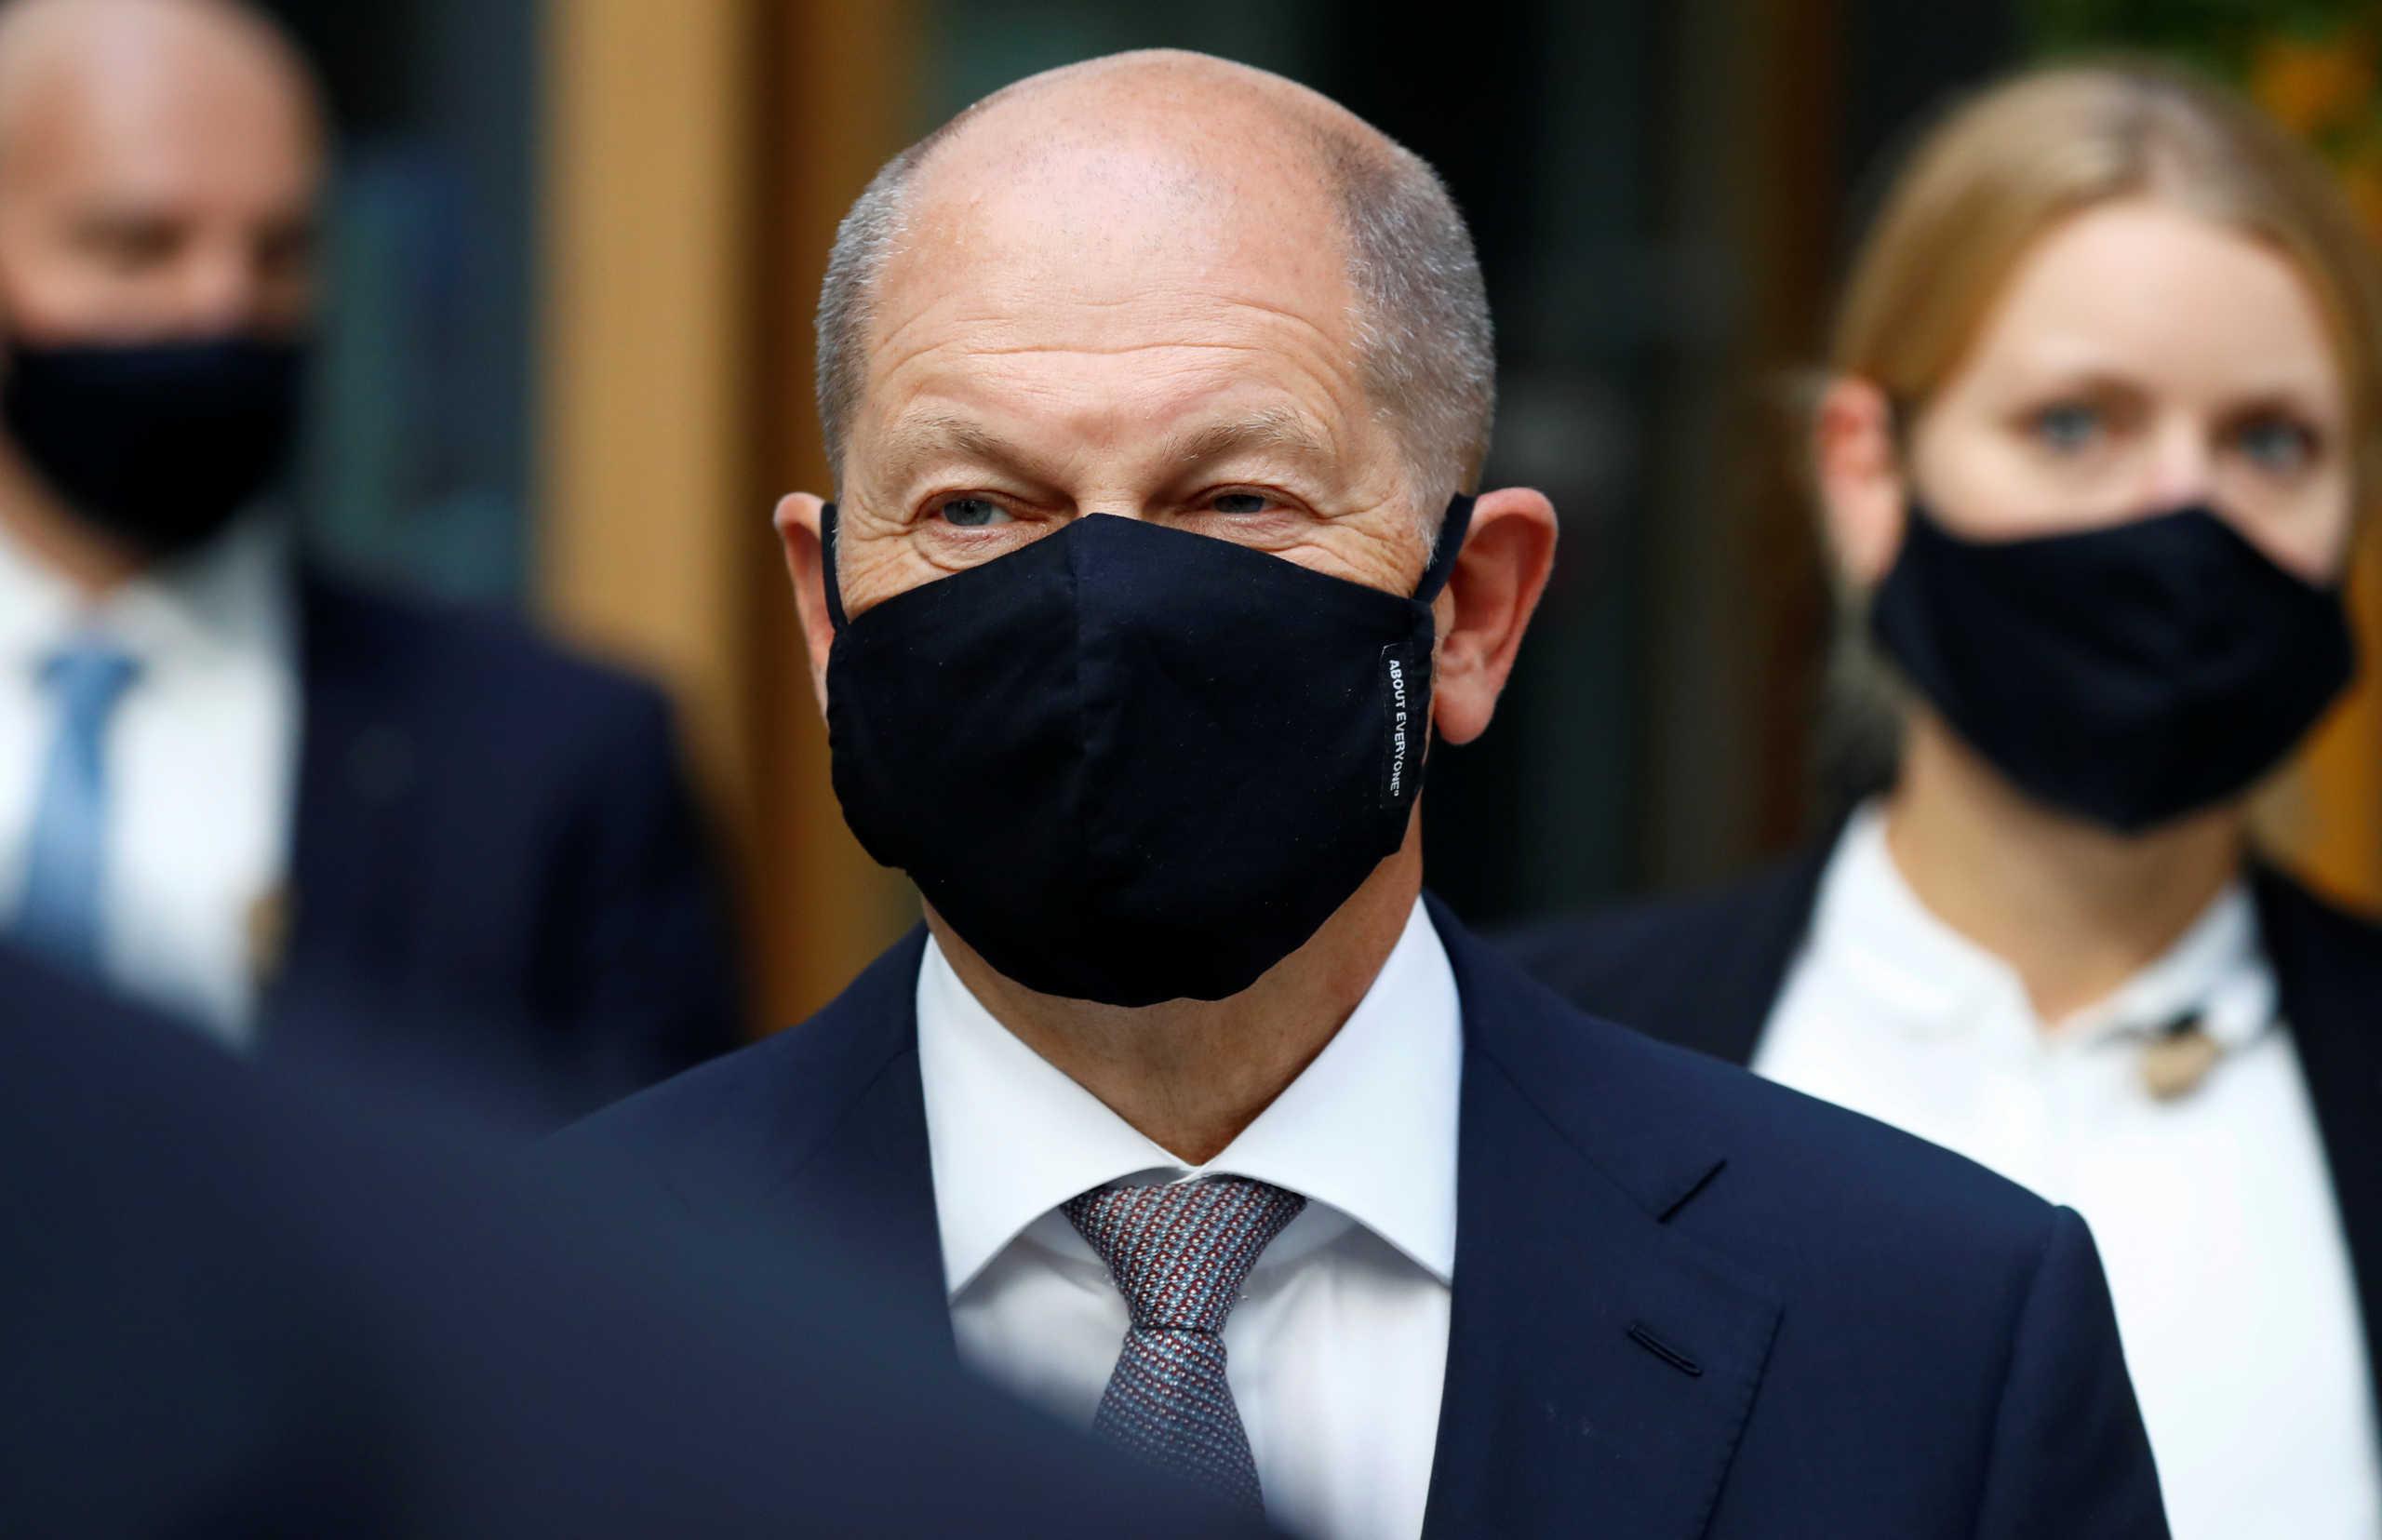 Γερμανία: Προηγούνται οι Σοσιαλδημοκράτες σε νέα δημοσκόπηση